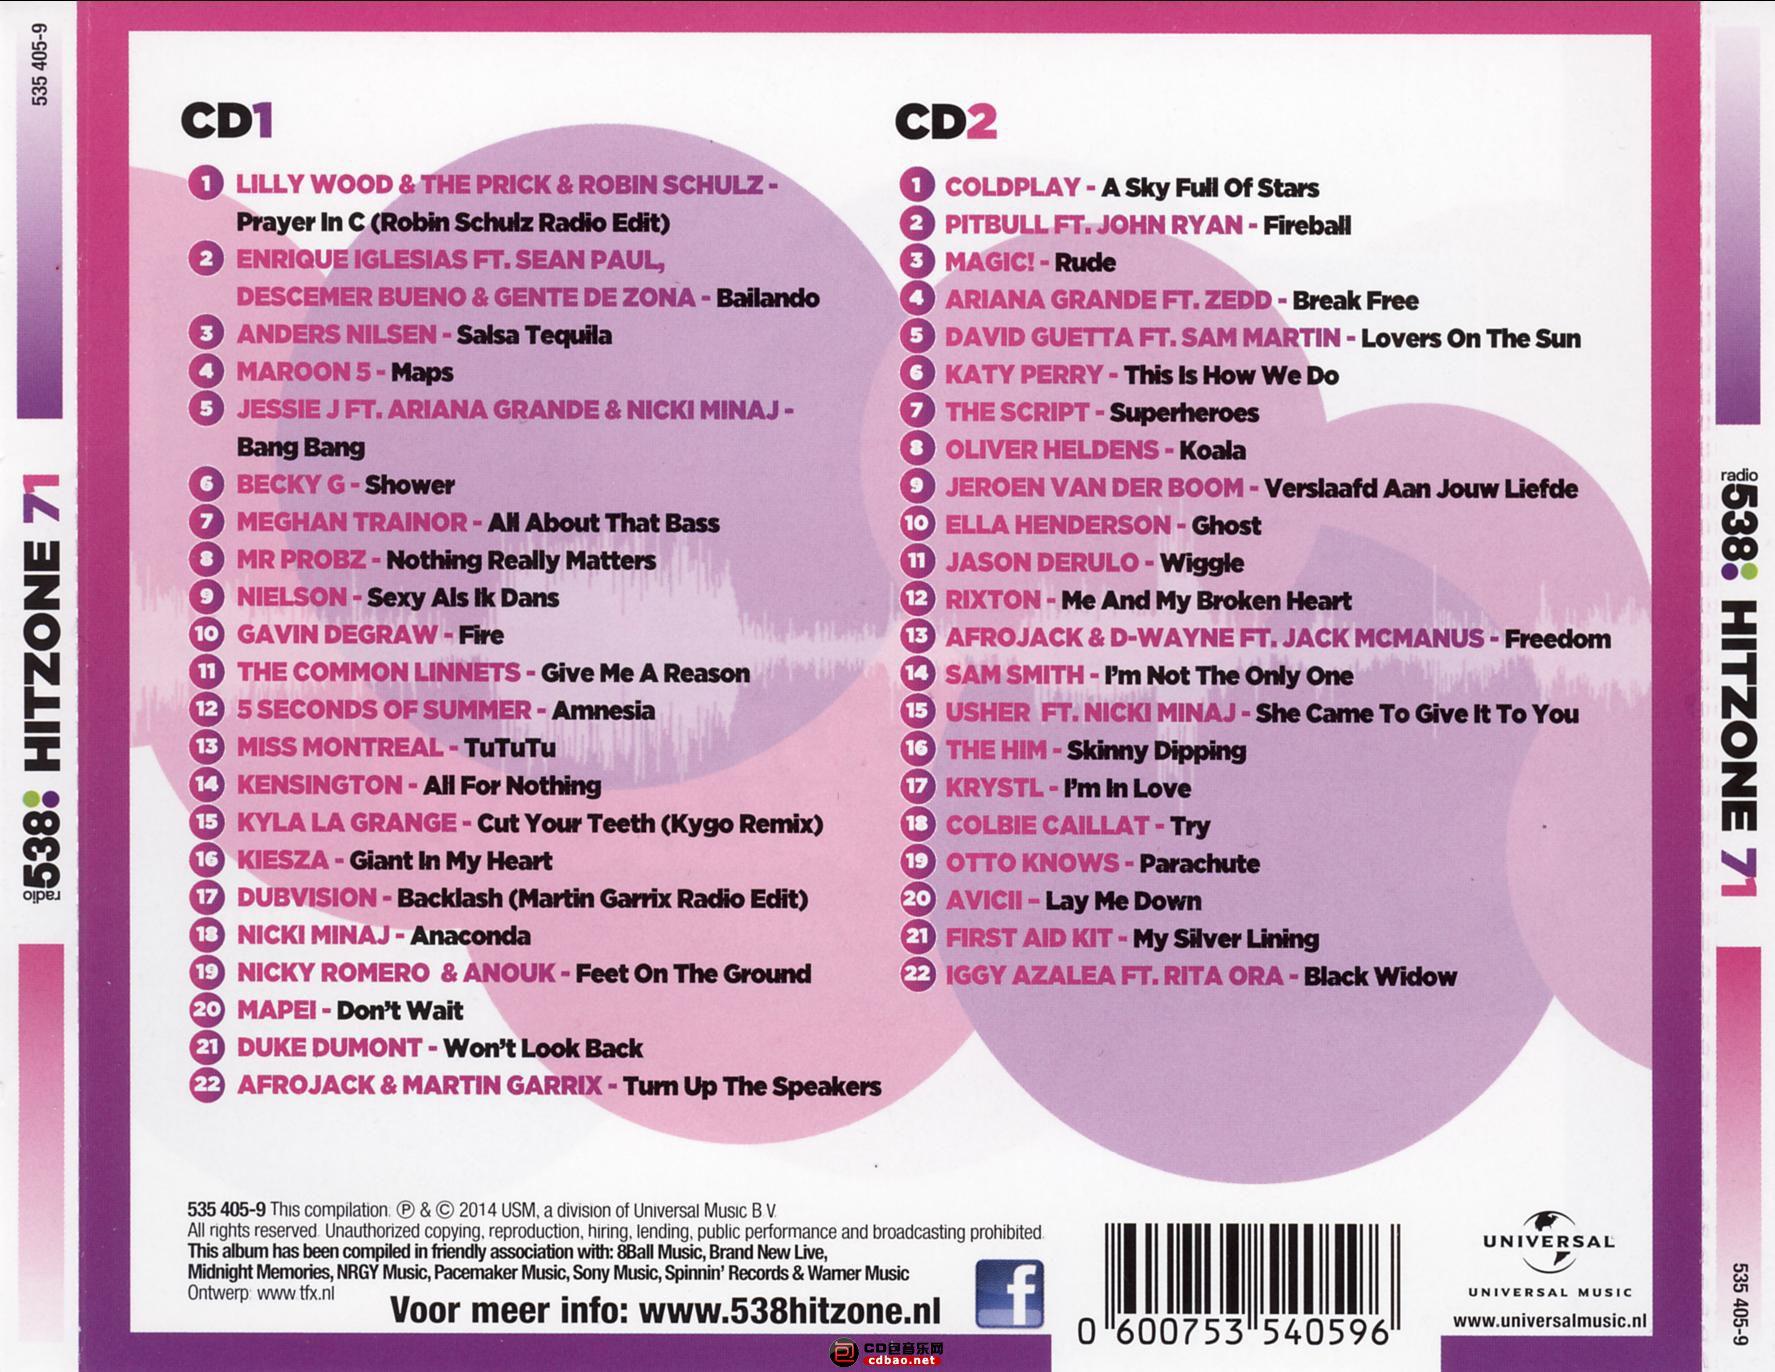 Radio 538 Hitzone 71 (2014)_cd-back.jpg